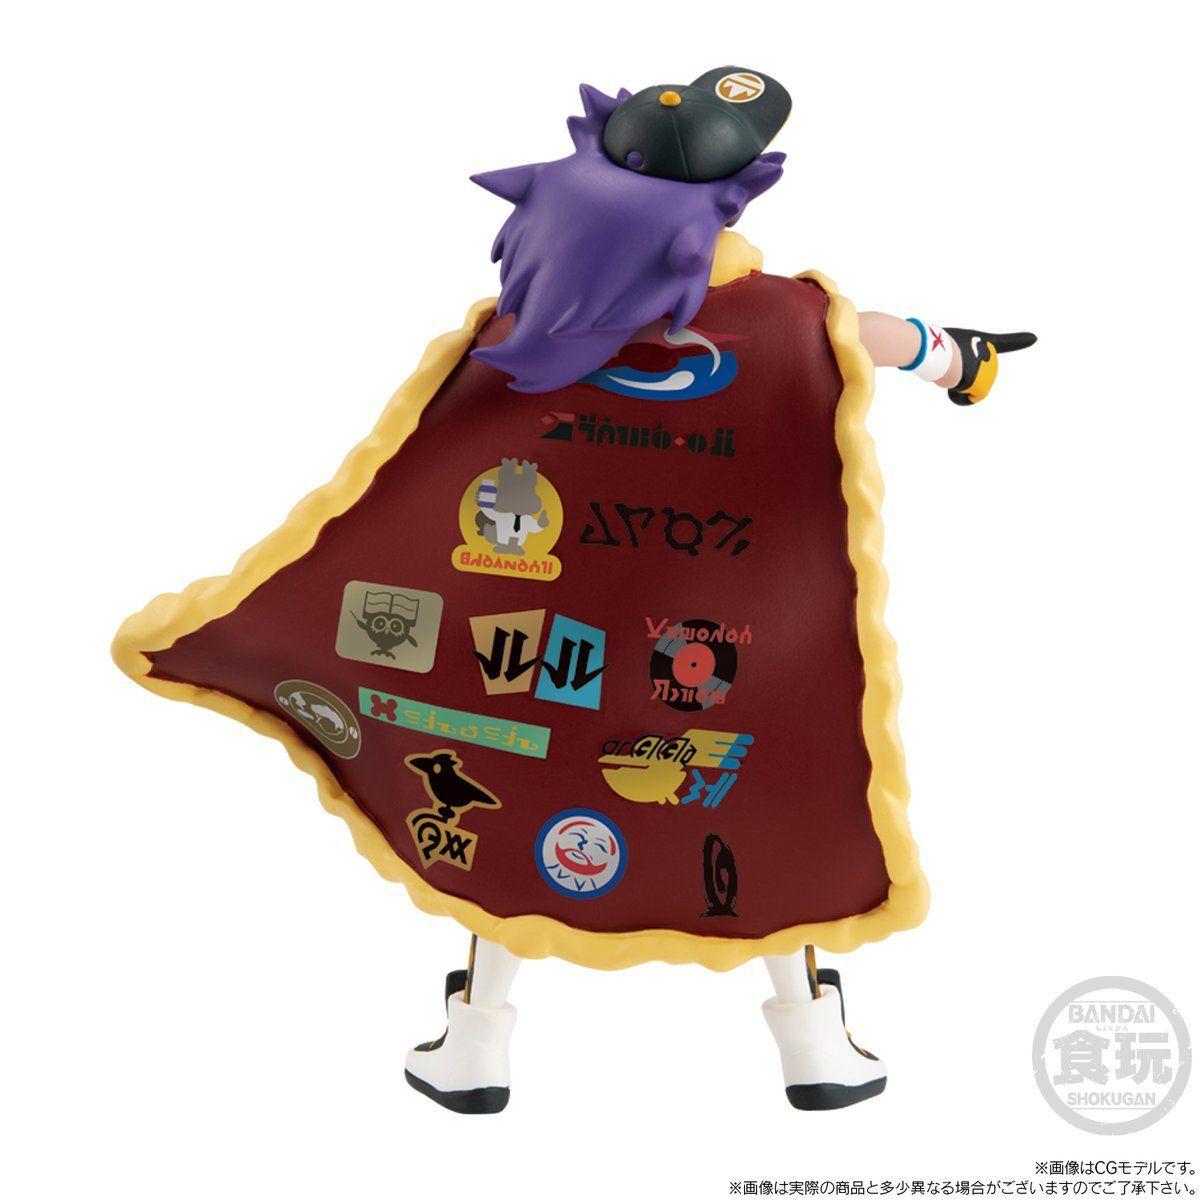 【限定販売】【食玩】ポケモンスケールワールド ガラル地方『ダンデ&ドラパルト』セット-005